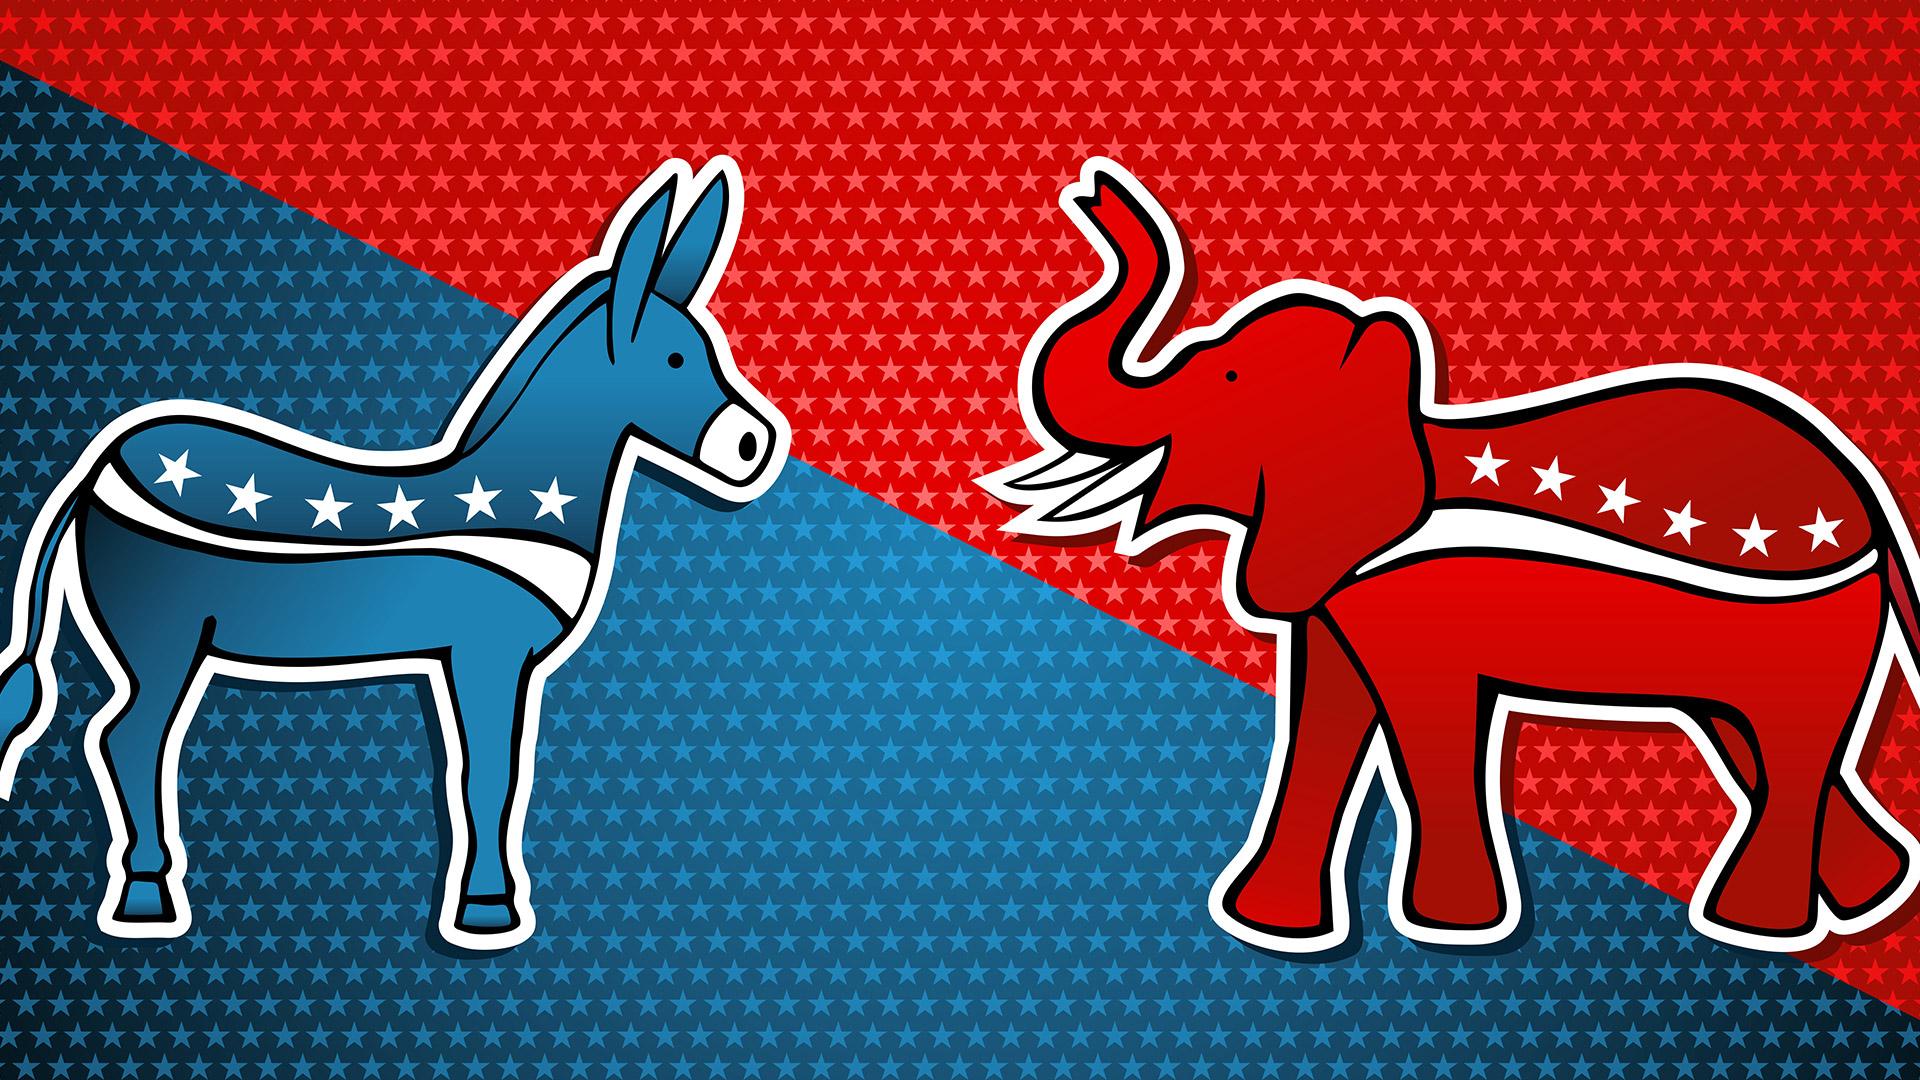 politics-elections-democrats-republicans-ss-1920